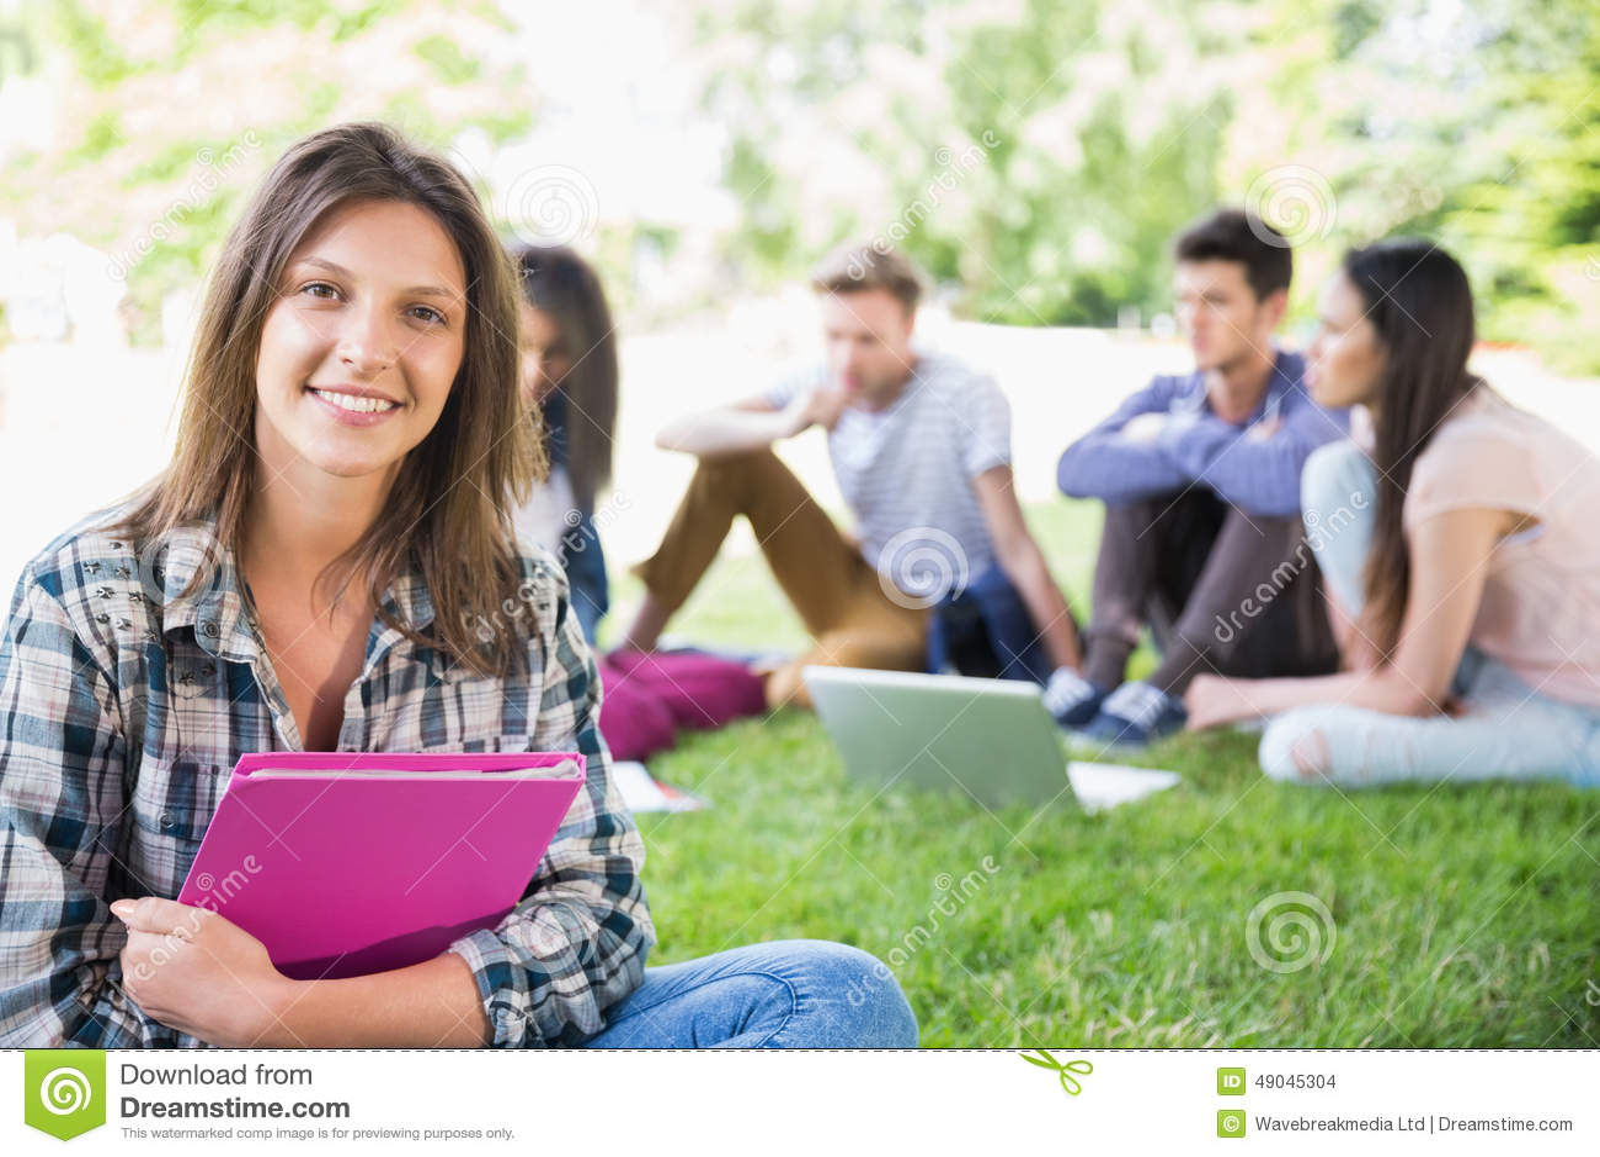 A Happy Campus